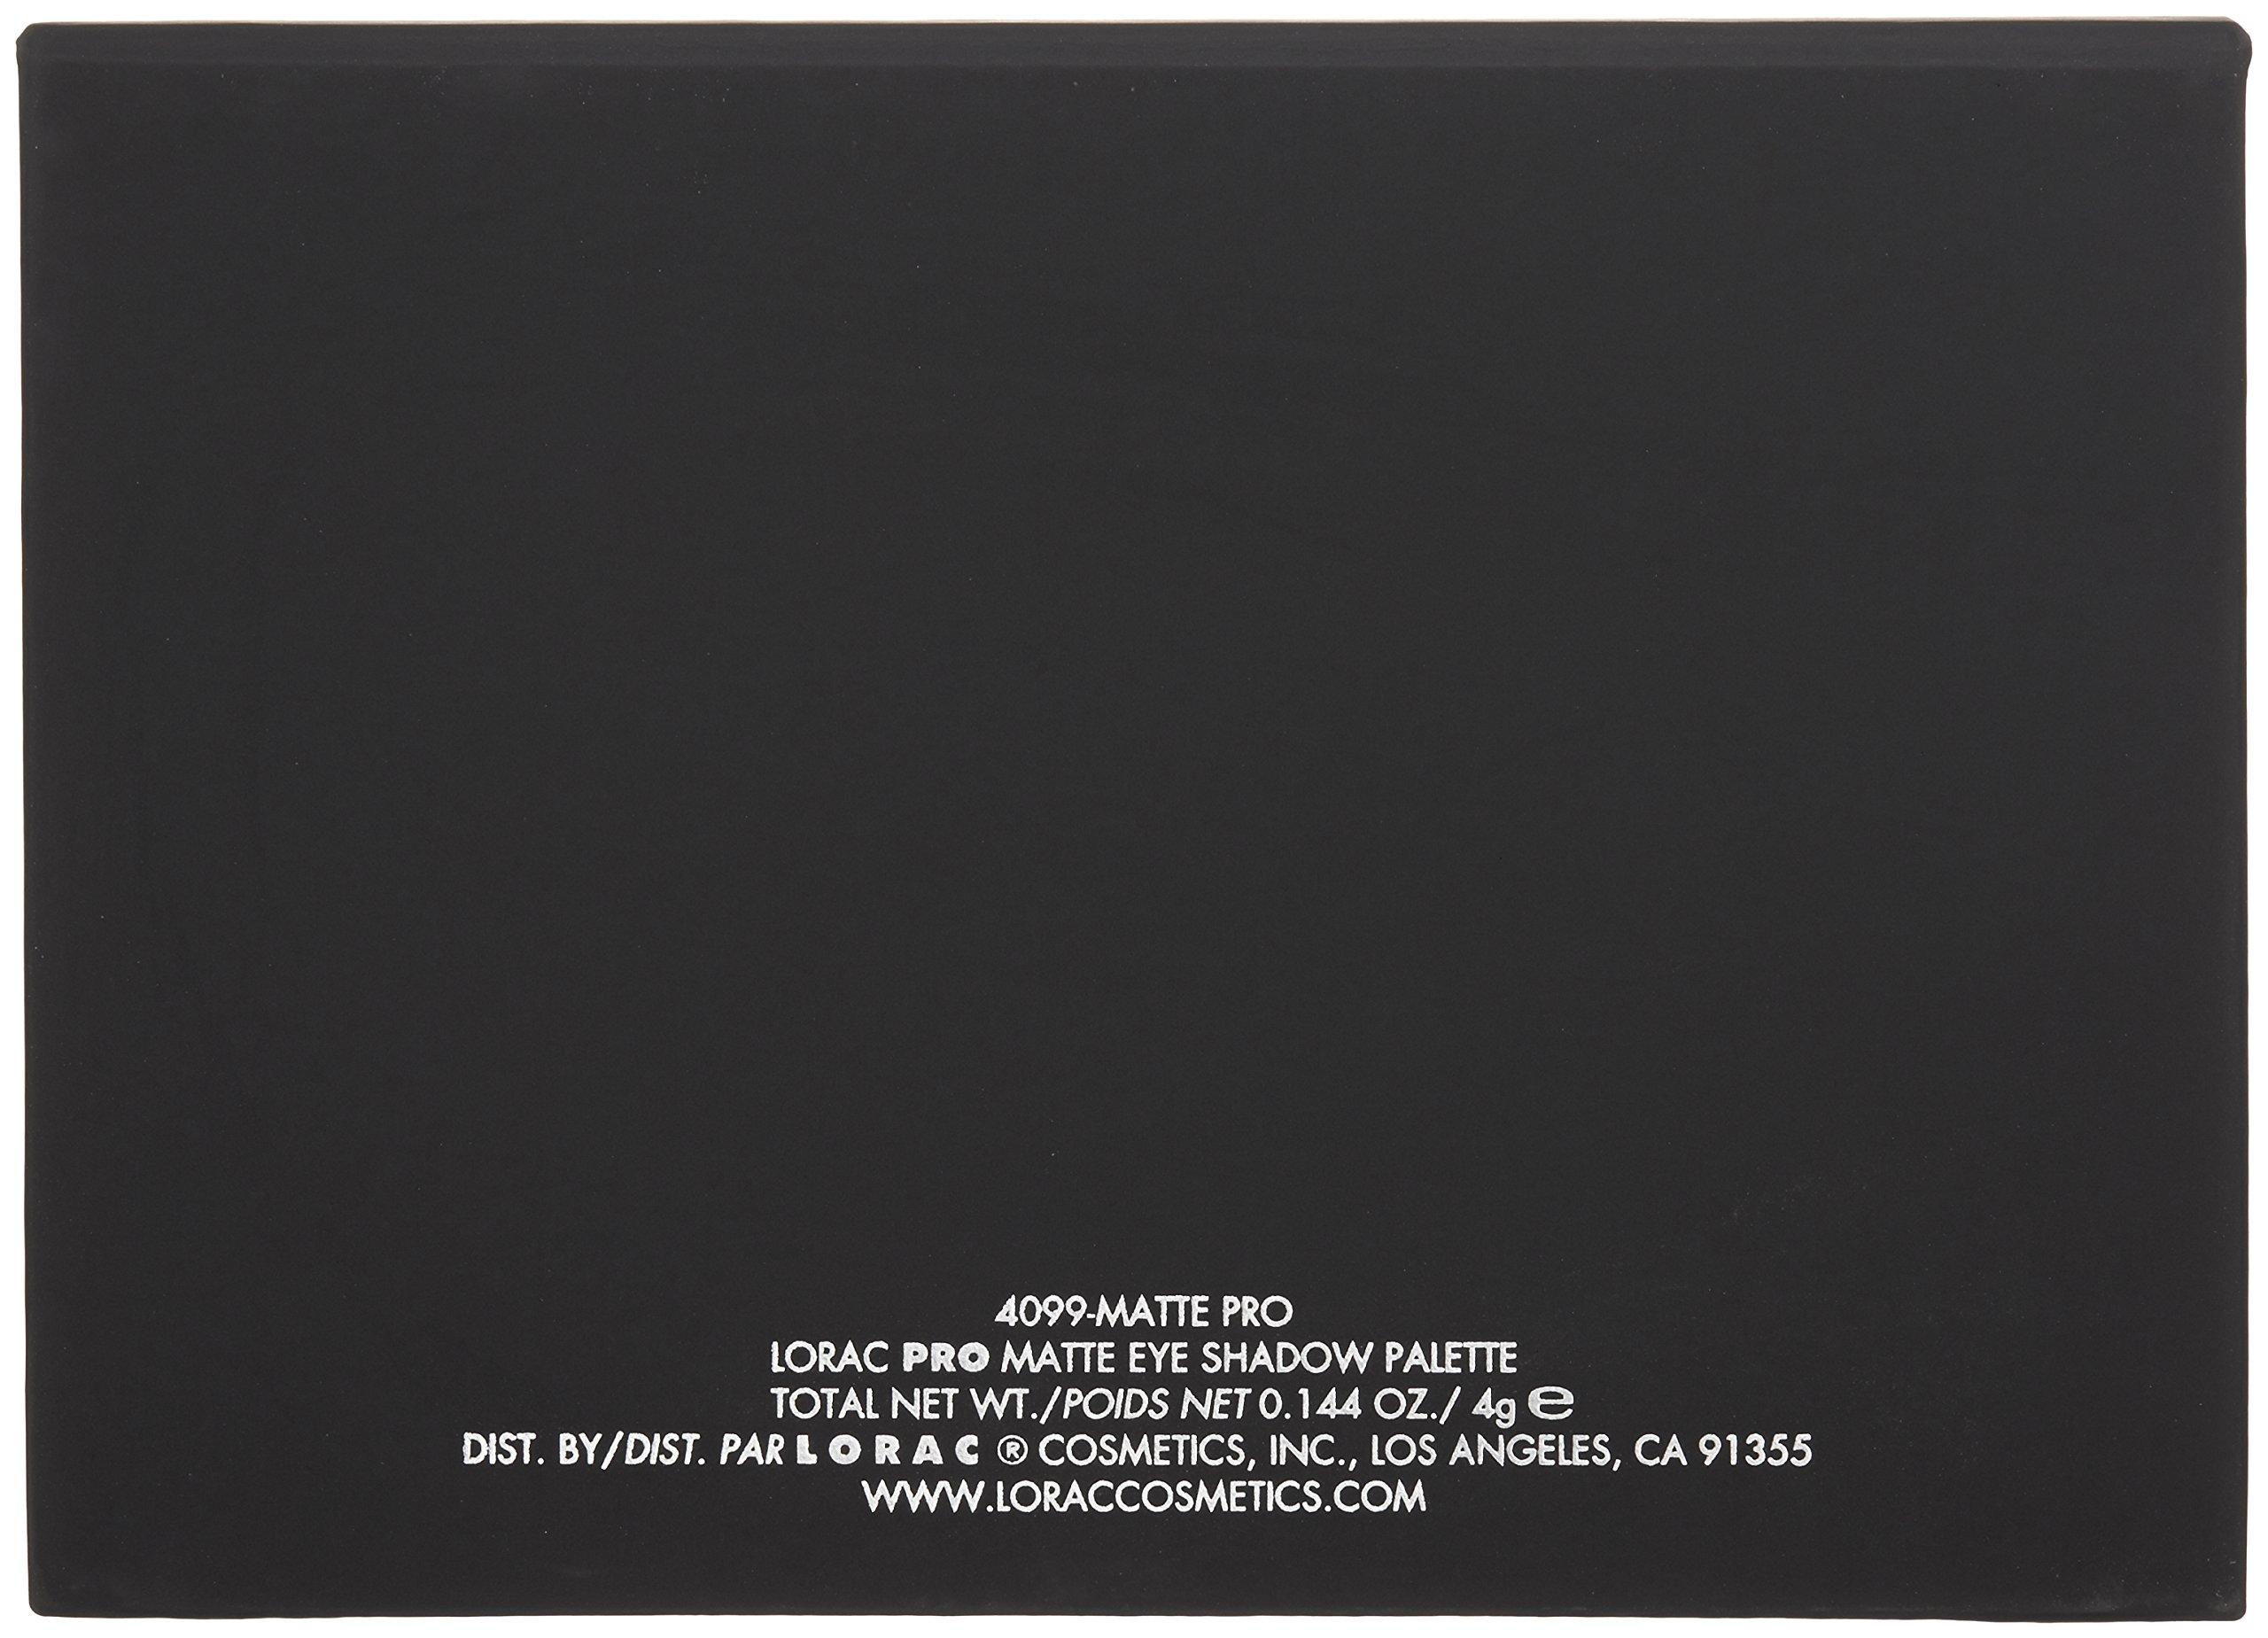 LORAC Pro Matte Eye Shadow Palette by LORAC (Image #7)